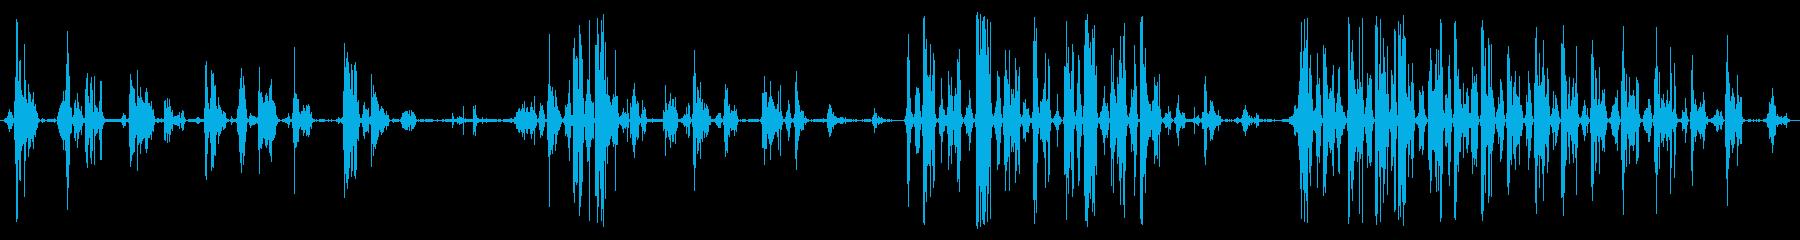 グランクライク・グローリング、ライ...の再生済みの波形